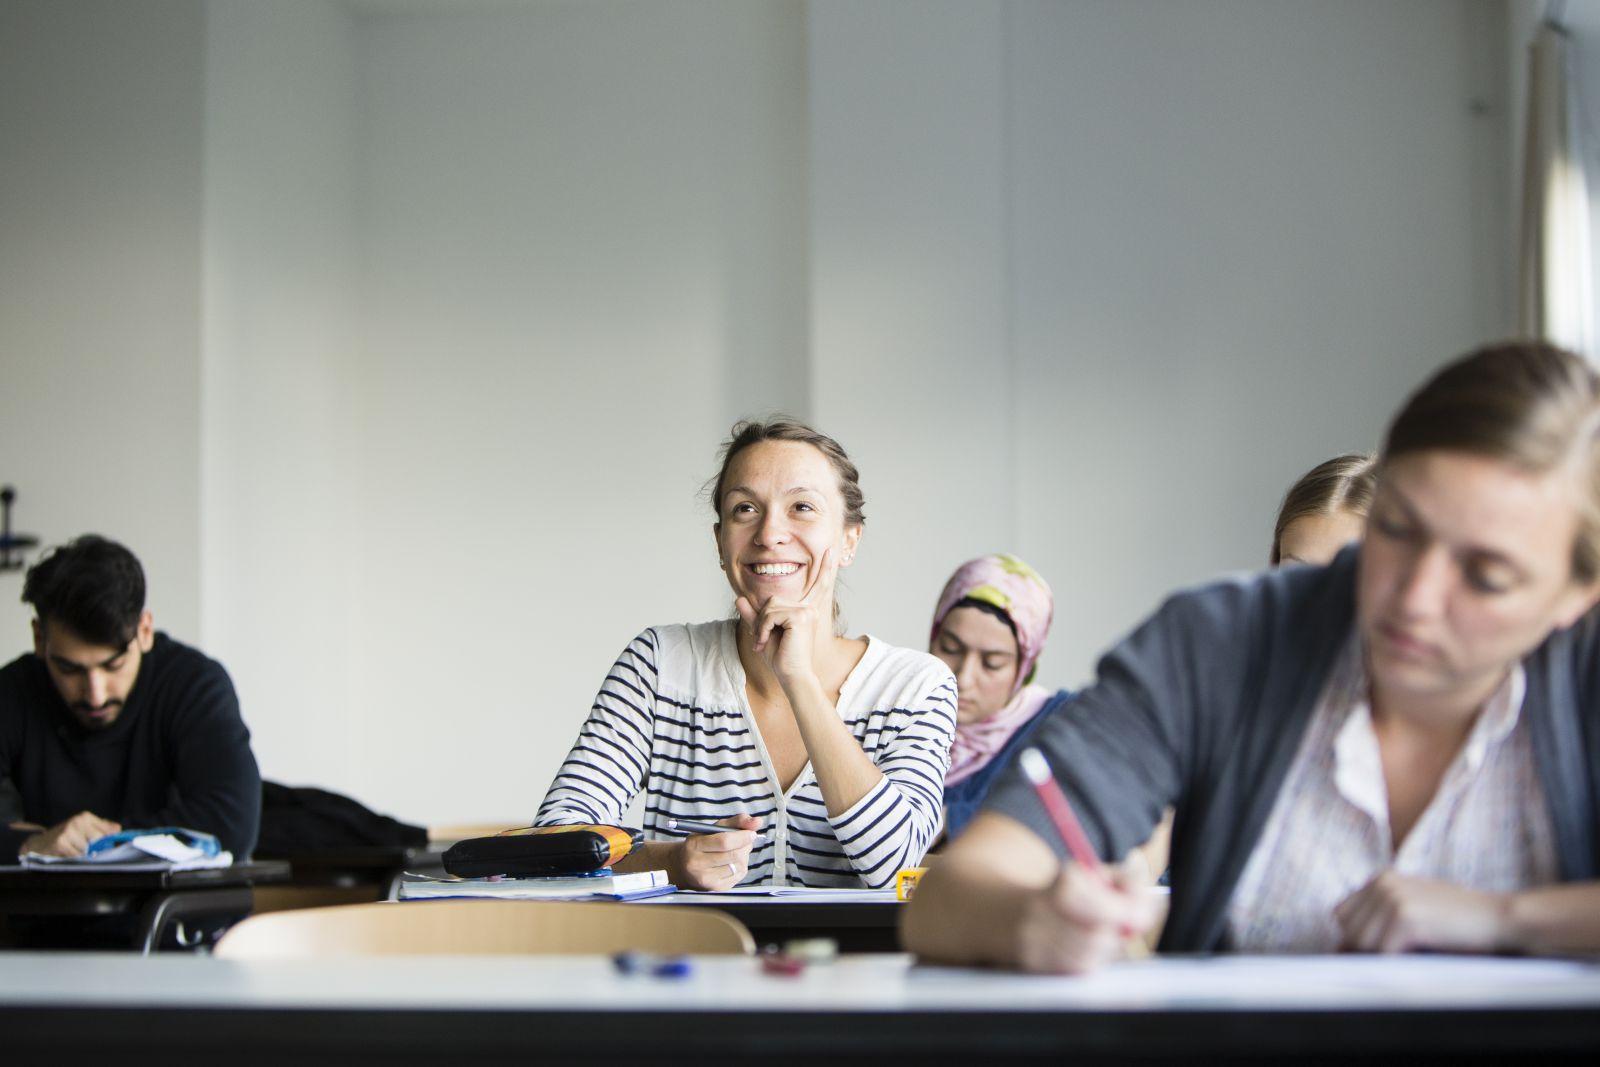 Studentin im Französisch-Kurs